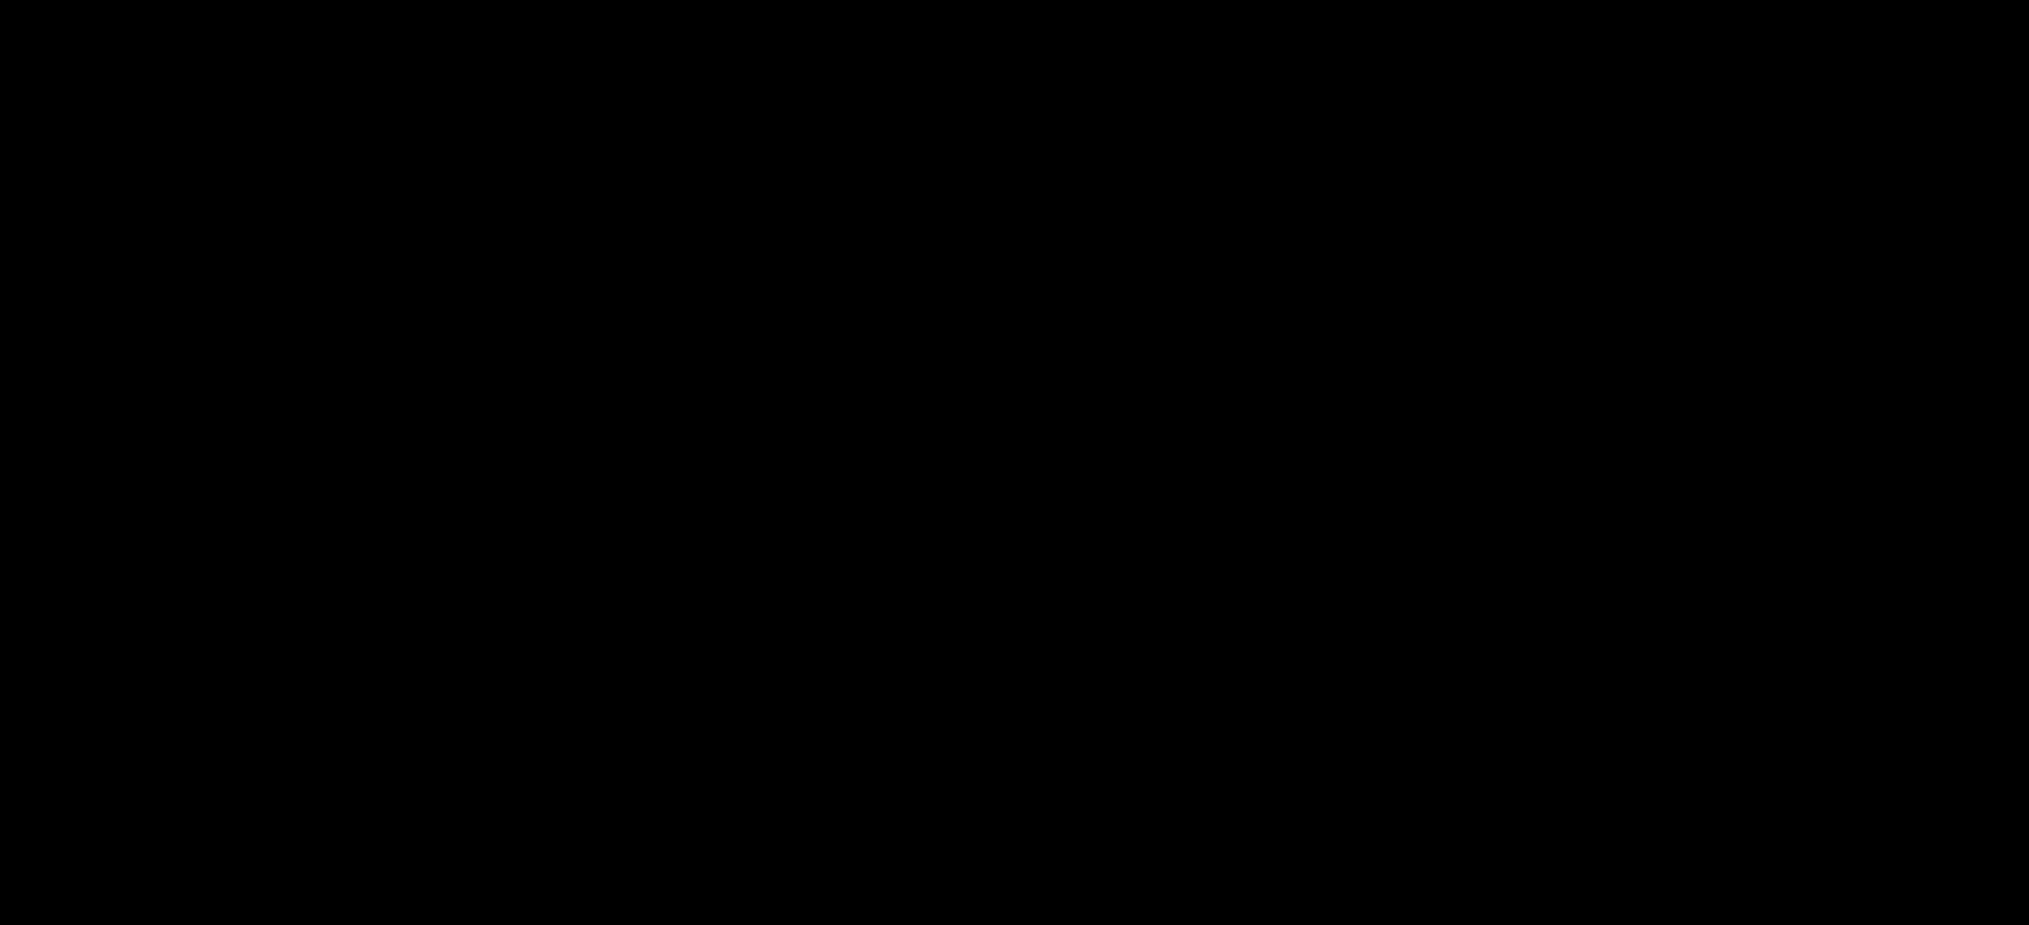 L-Methionine-1-13C